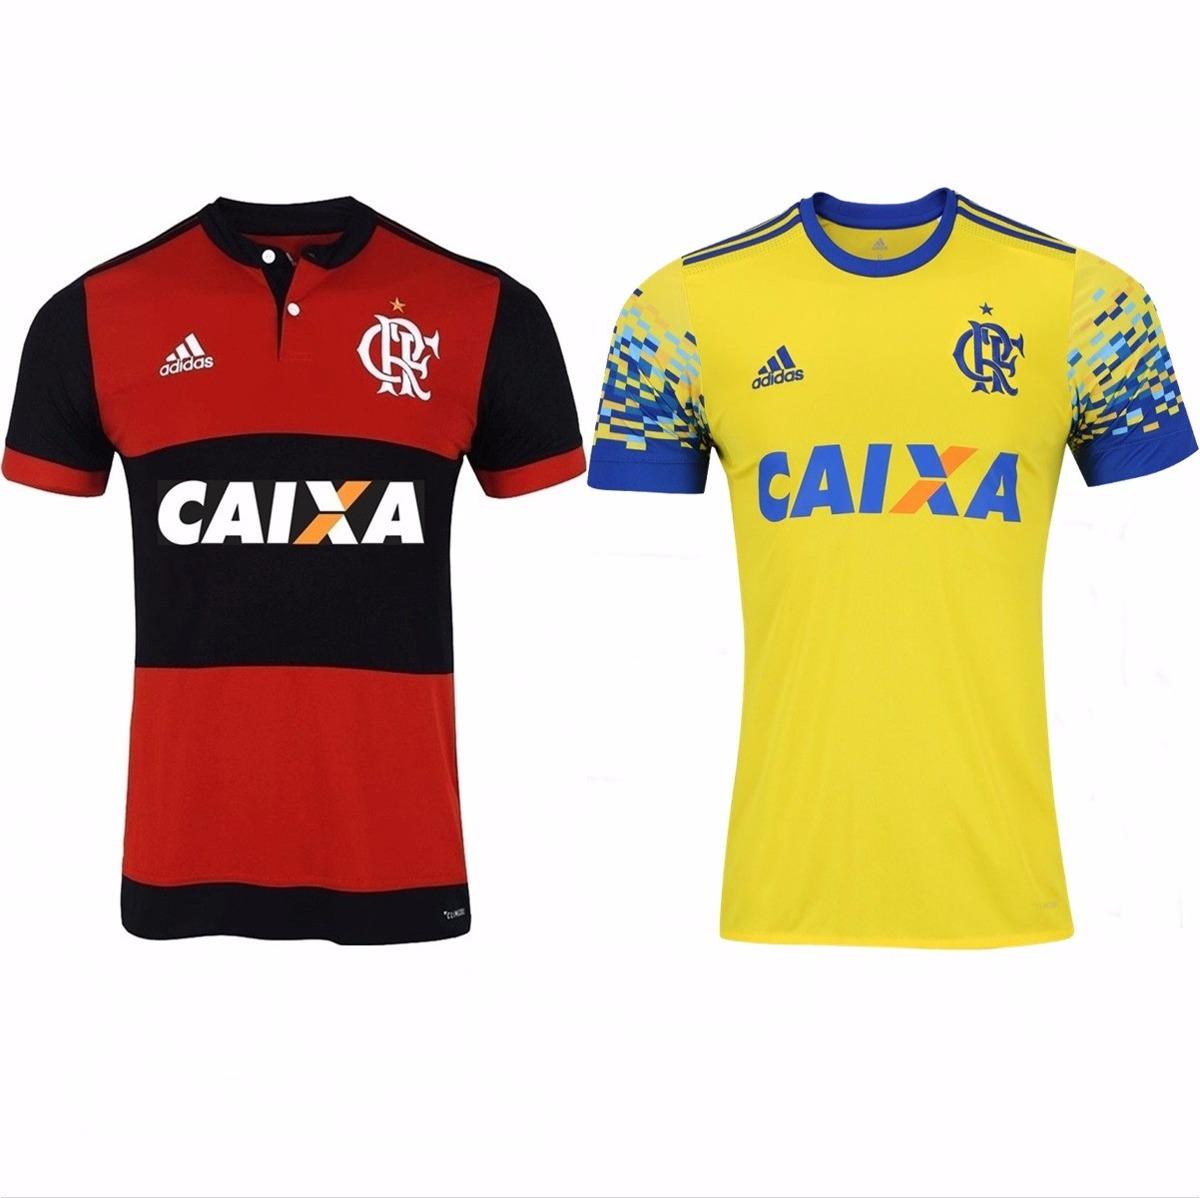 c0ff14fe0899f 2 Camisas Do Flamengo 2017 Uniforme 1 E 2 Promoção F Gratis - R  274 ...